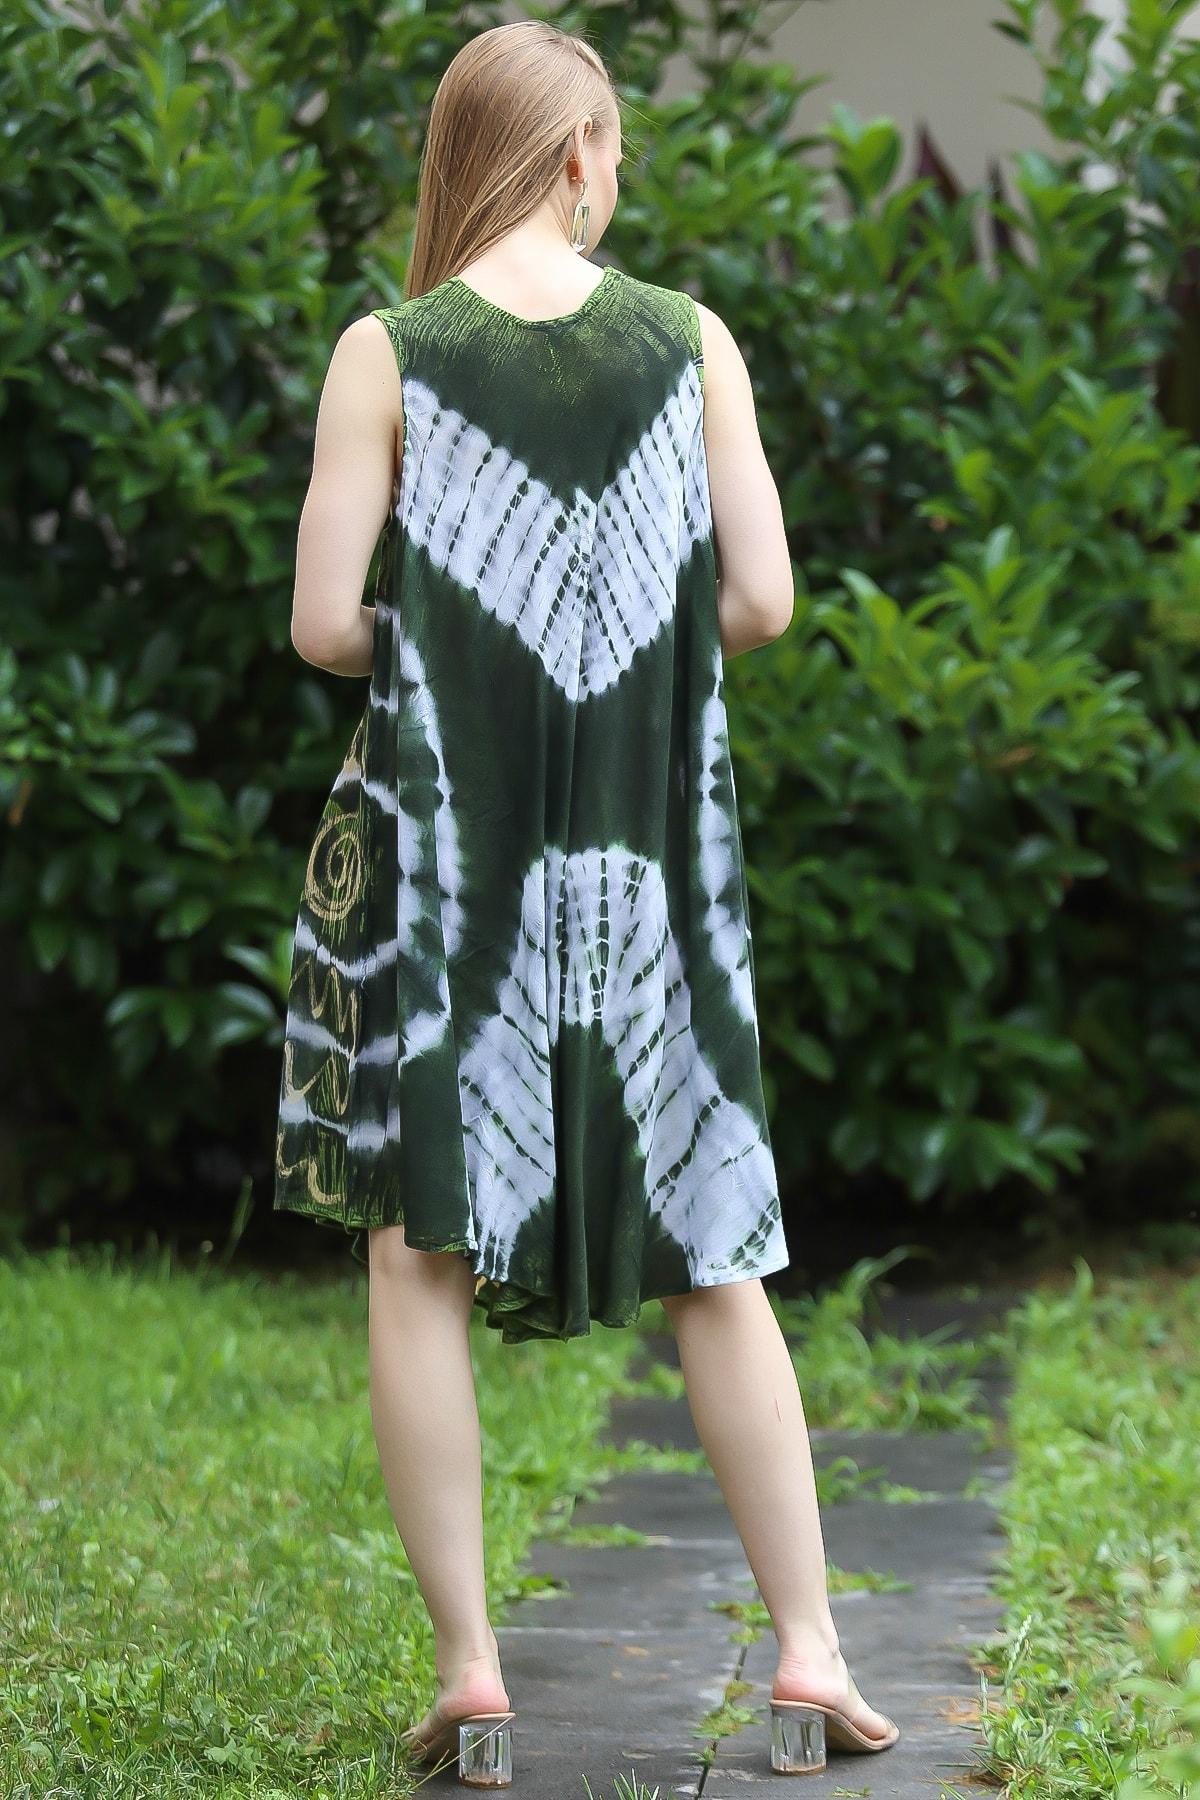 Chiccy Kadın Yeşil Bohem Batik Desenli Kolsuz Kloş Elbise M10160000EL96673 4